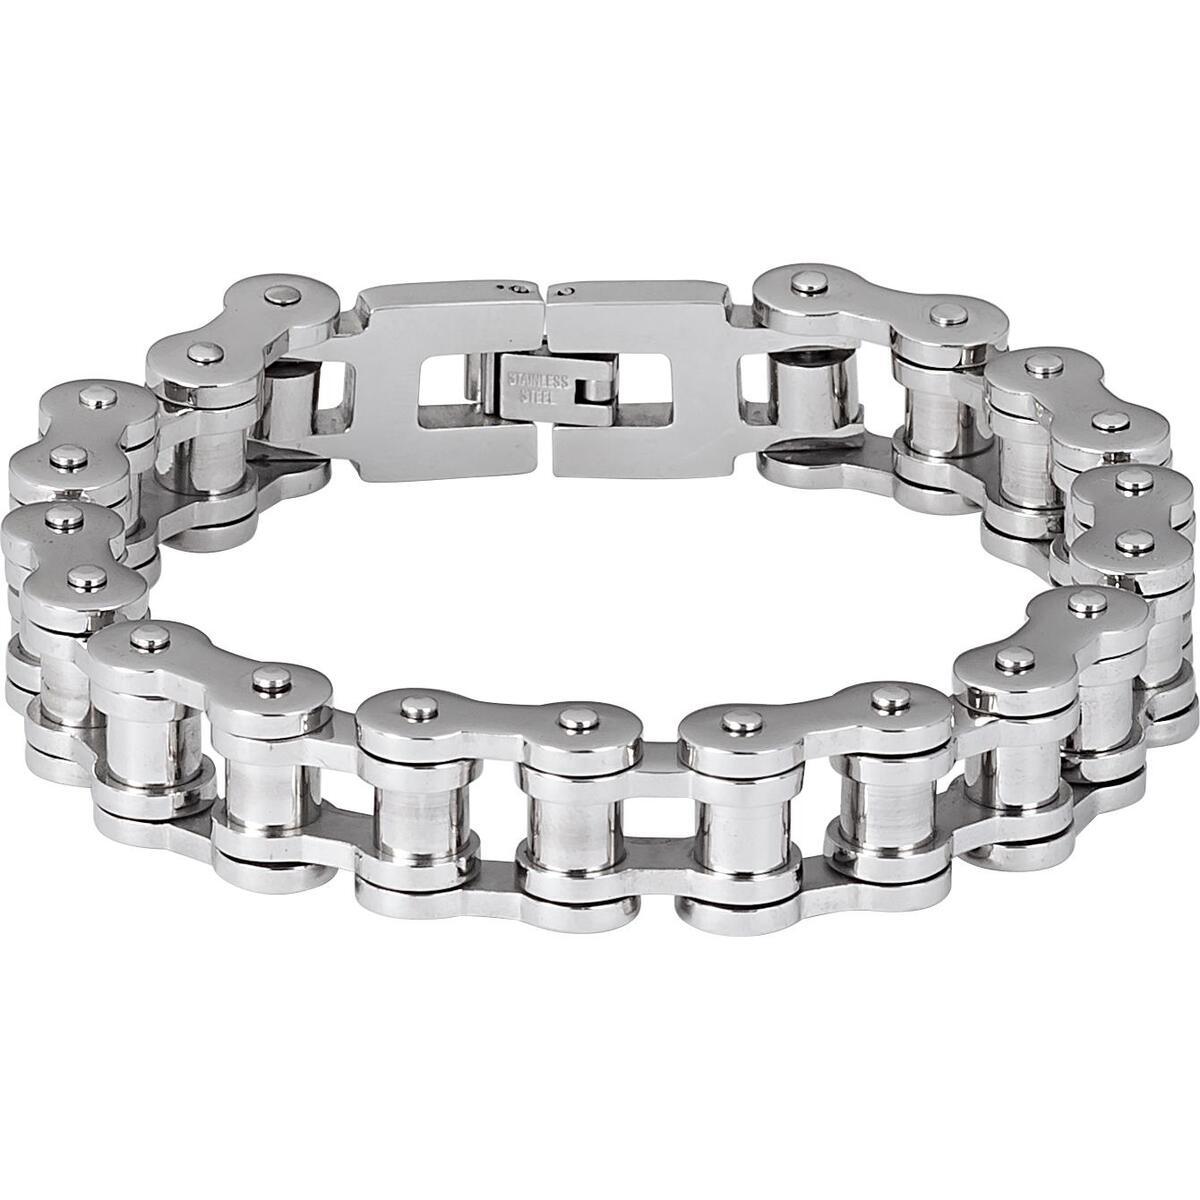 Bild 2 von Spirit Motors Edelstahl Armband 1.0 silber